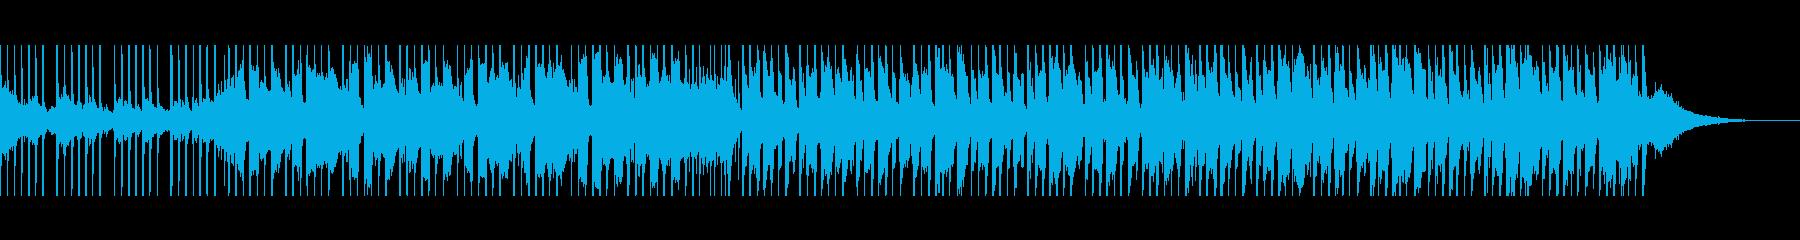 ベリーダンス(60秒)の再生済みの波形